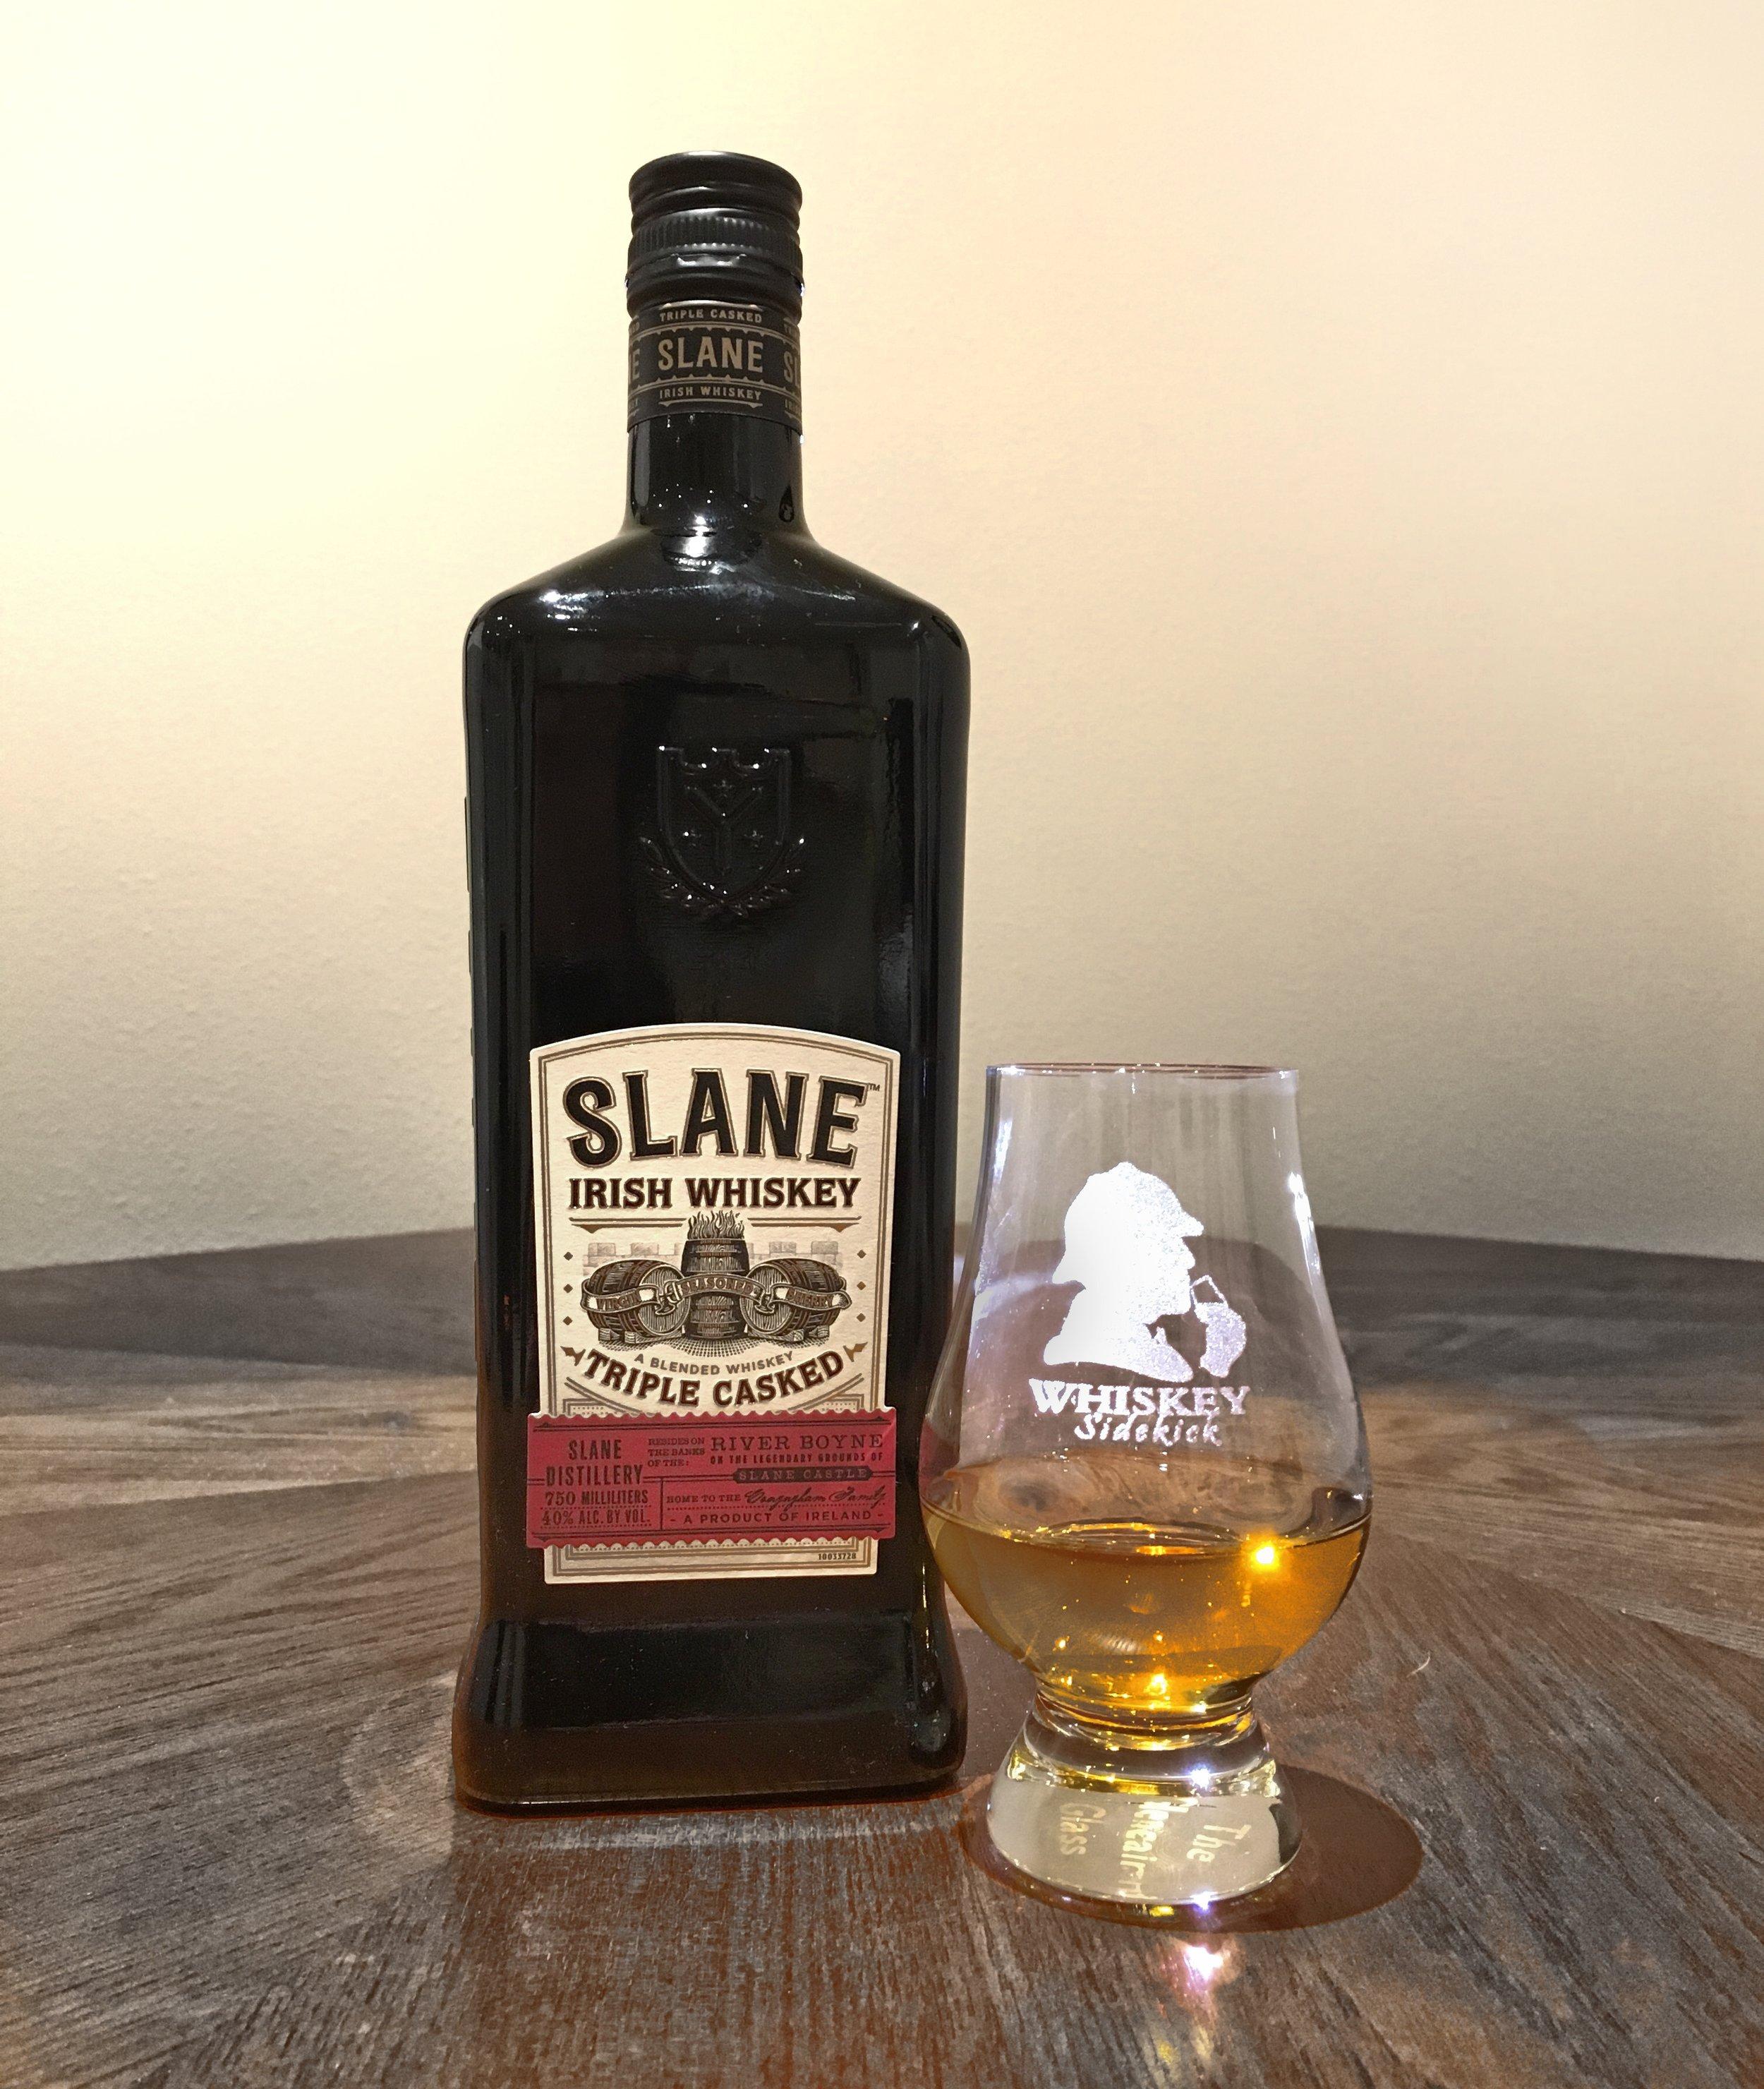 WS_Slane Irish Whiskey.jpg